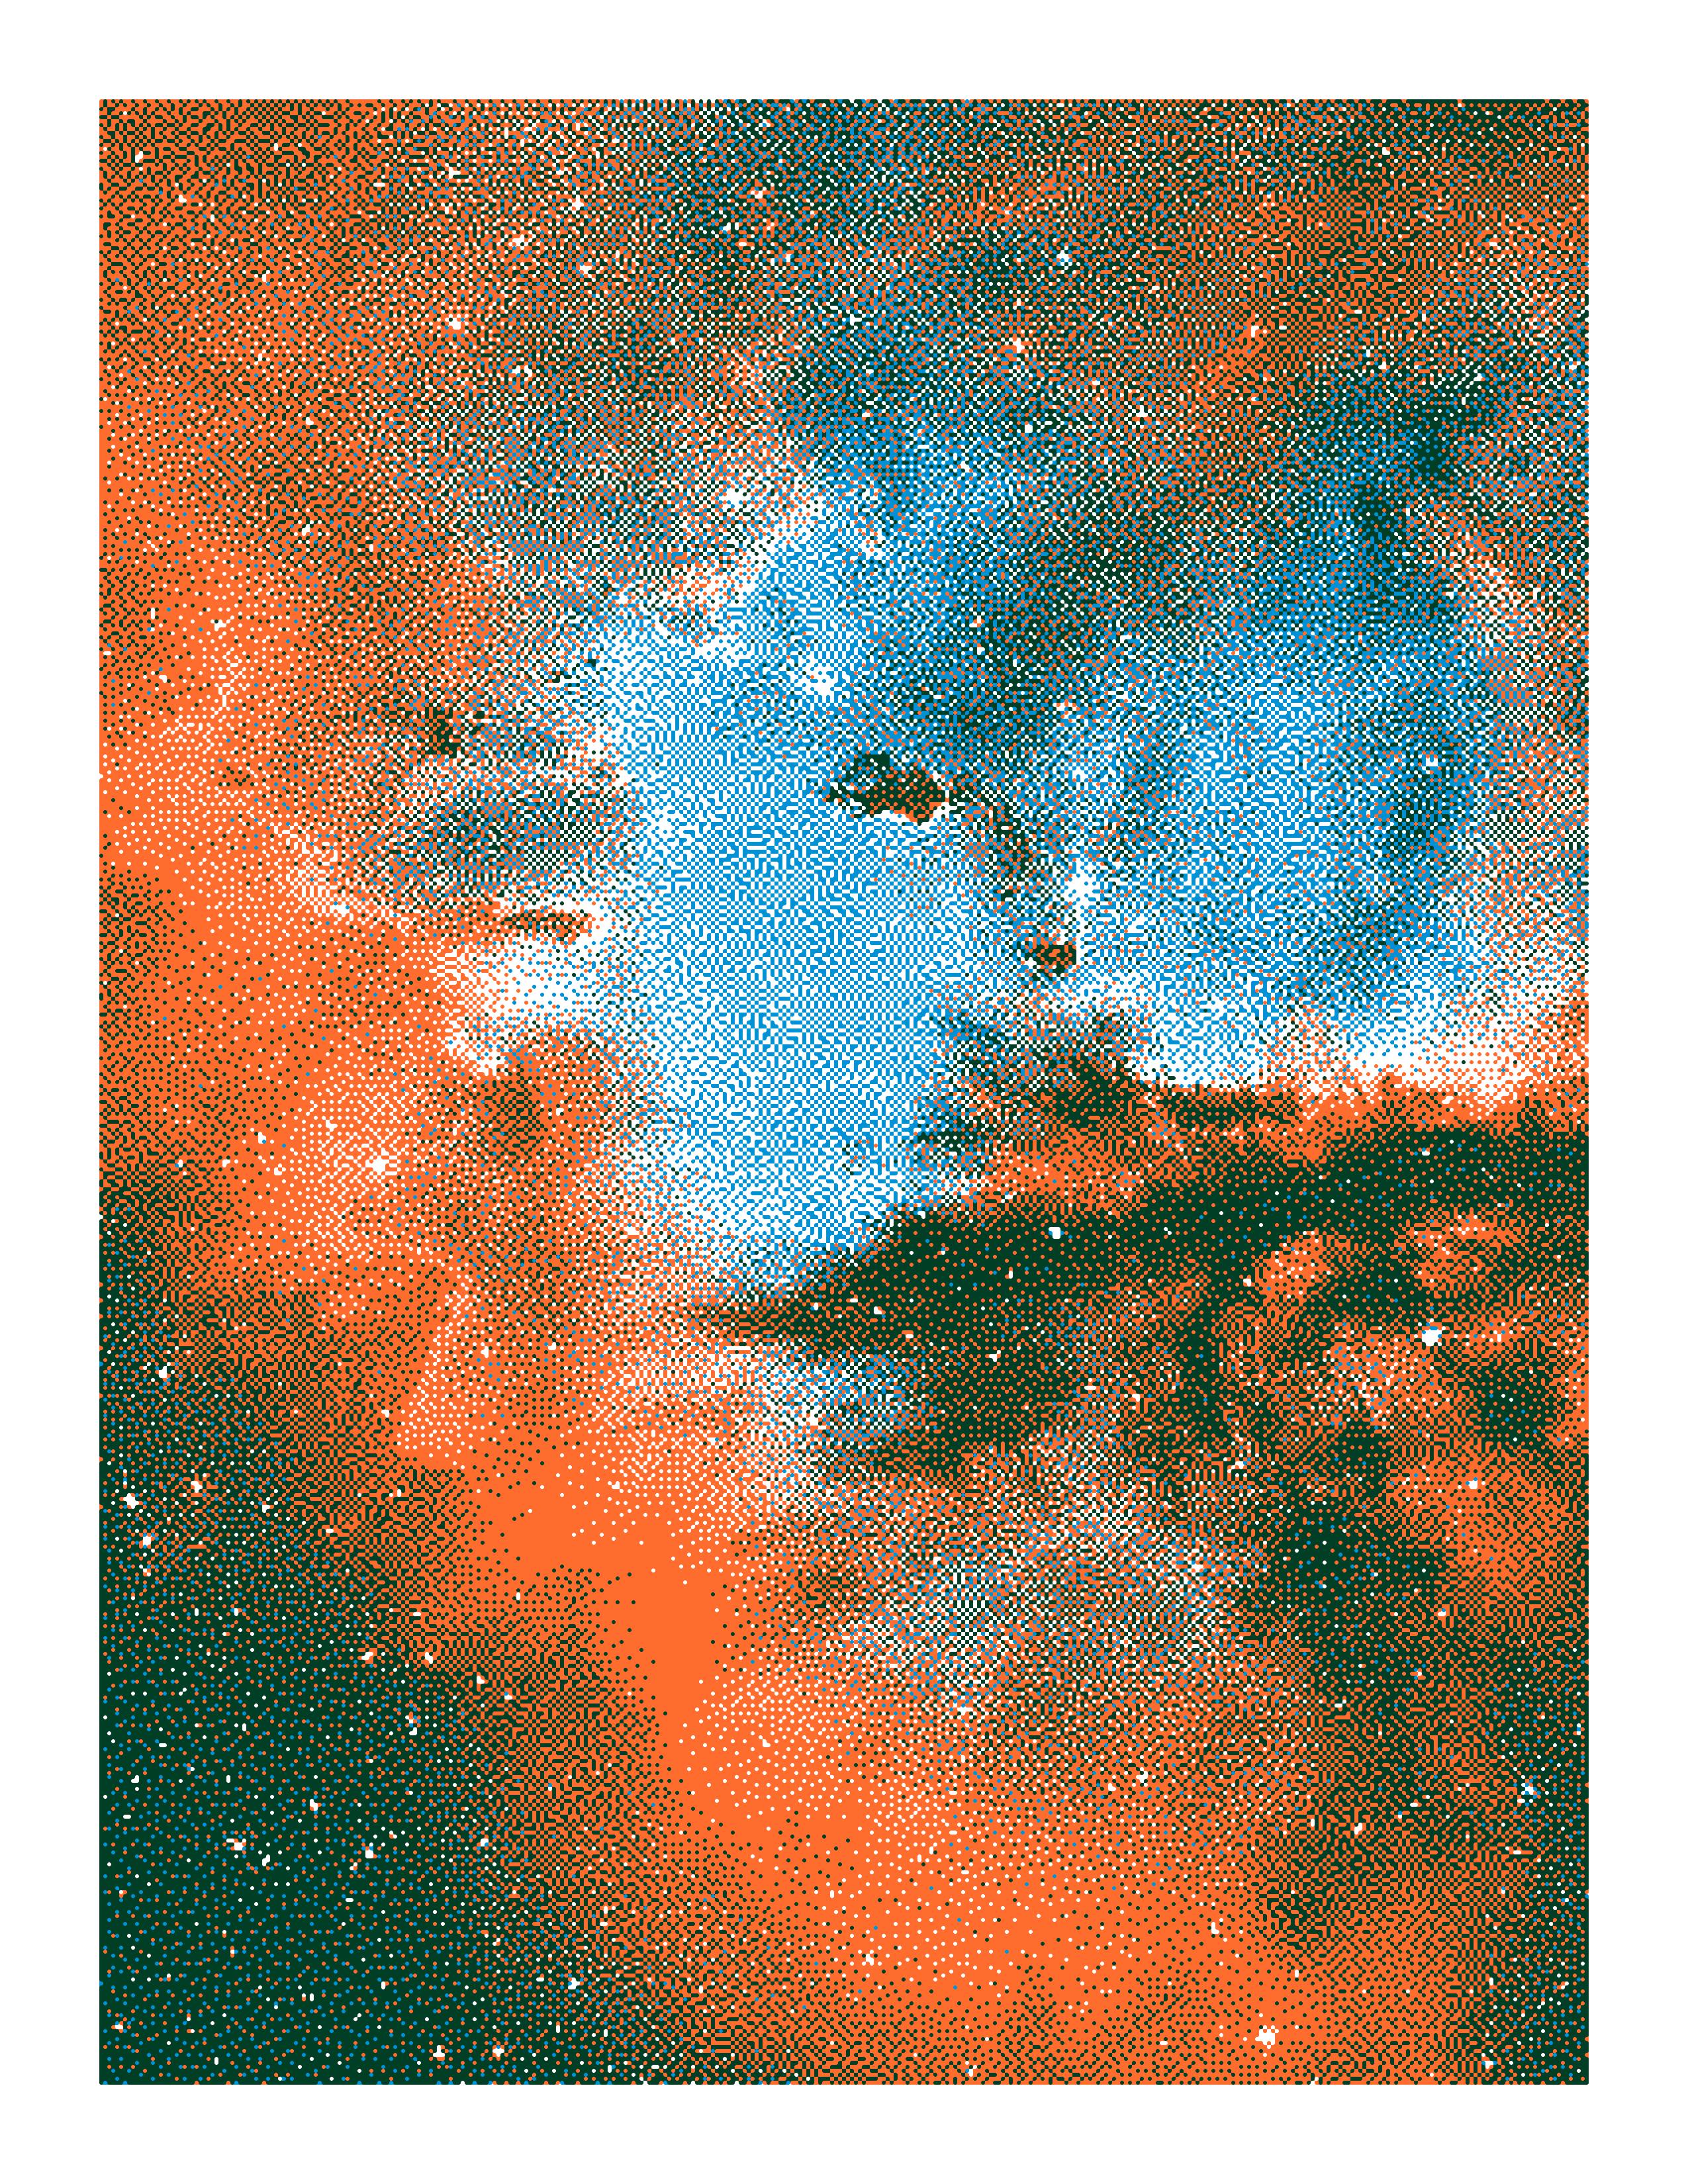 06_nebulae